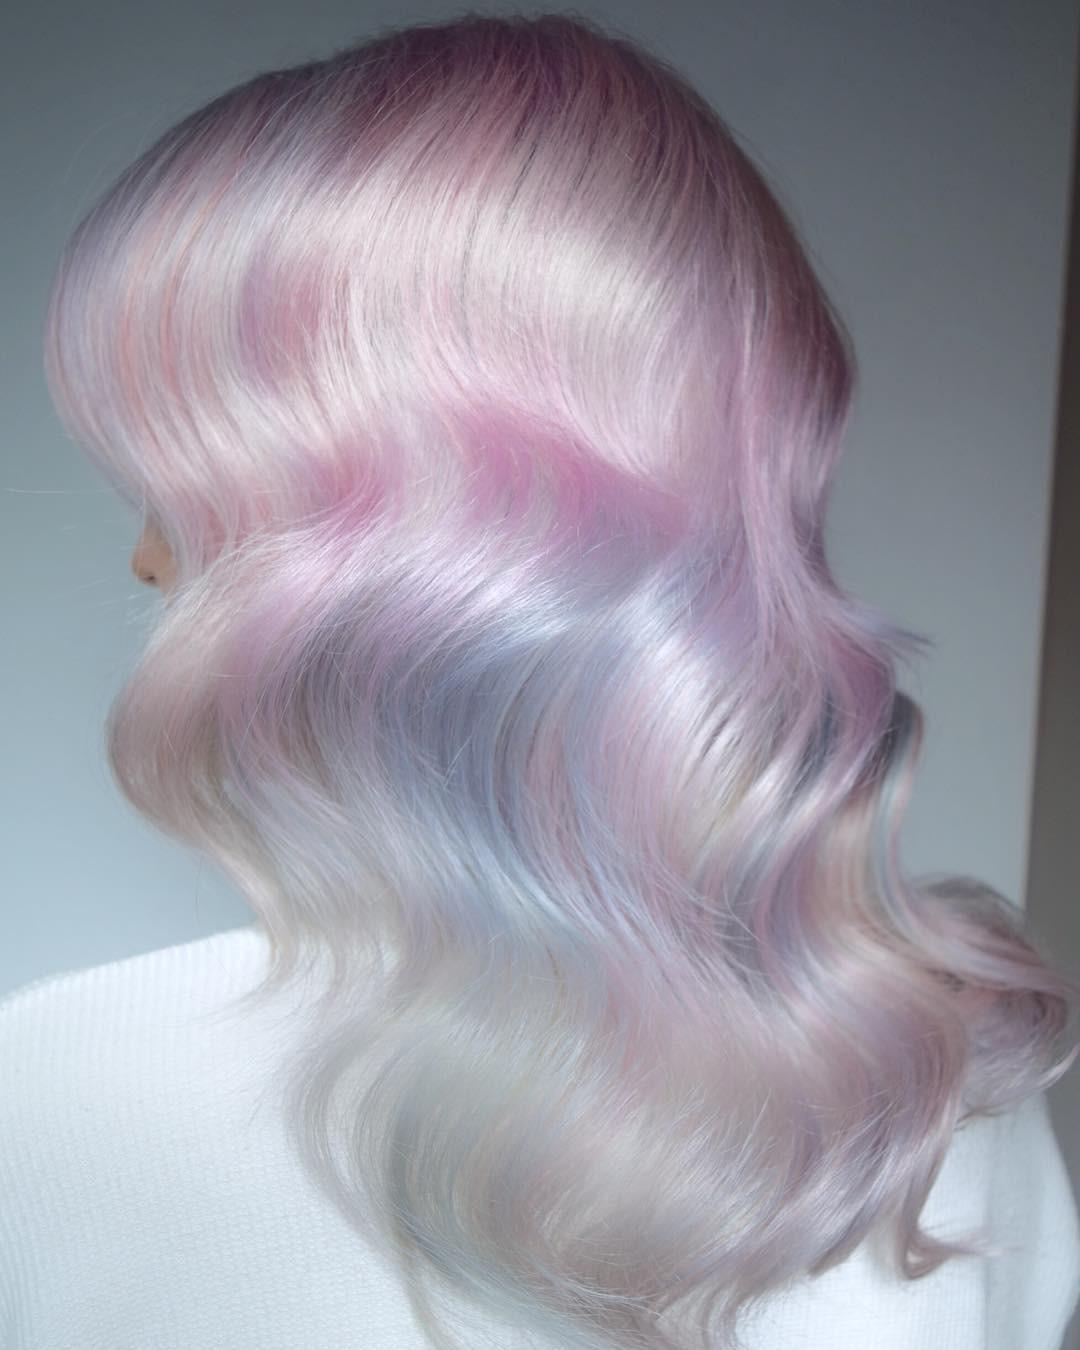 Tóc nhuộm kẹo bông: màu nhuộm huyền ảo mở hàng cho xu hướng tóc 2018 đảm bảo sẽ khiến hội sành điệu phải rối rít - Ảnh 1.